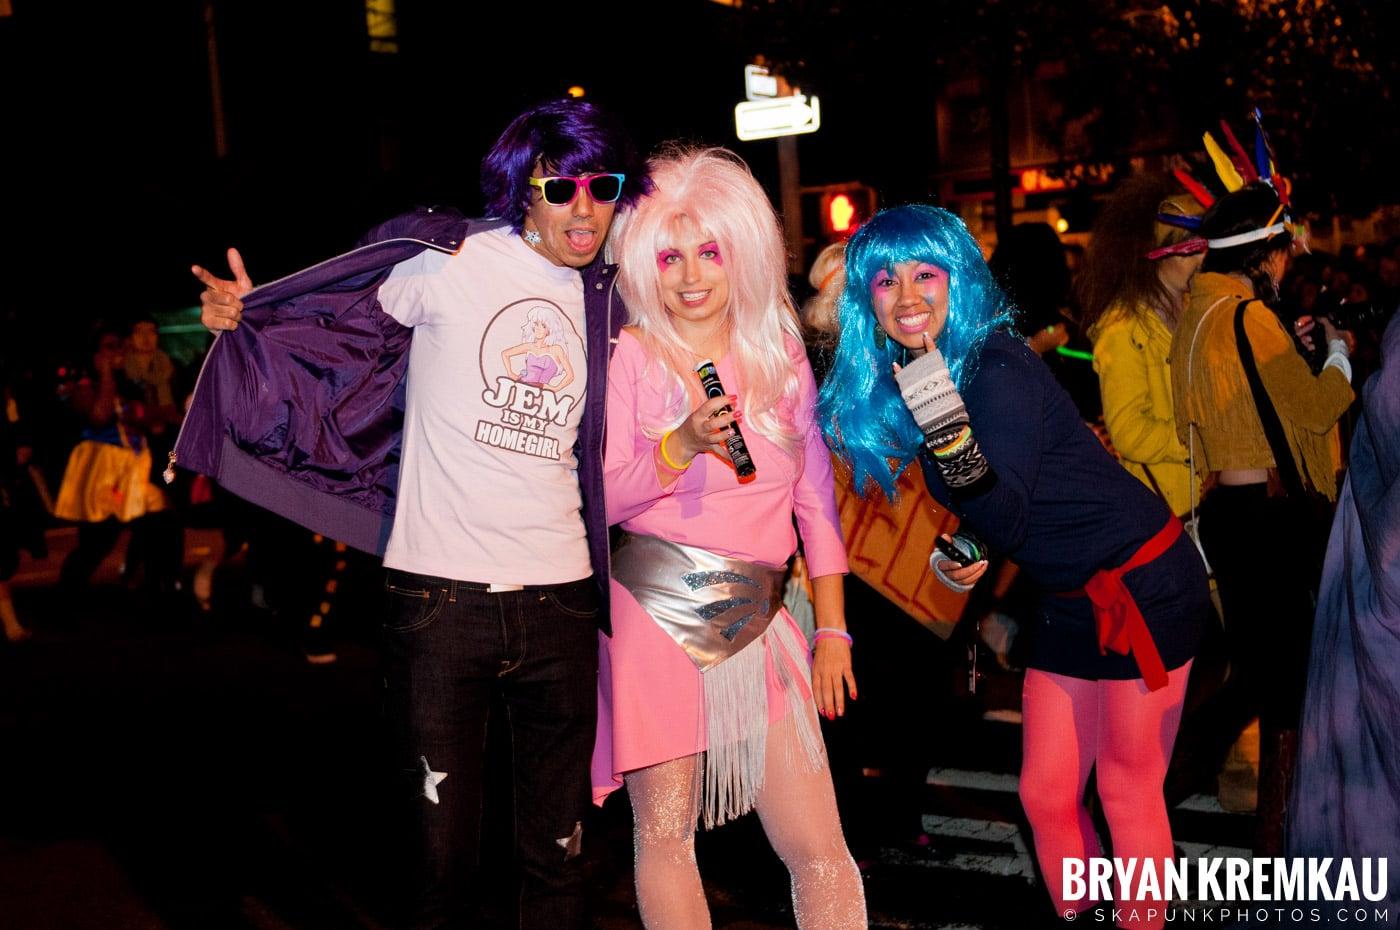 NYC Halloween Parade 2011 @ New York, NY - 10.31.11 (32)